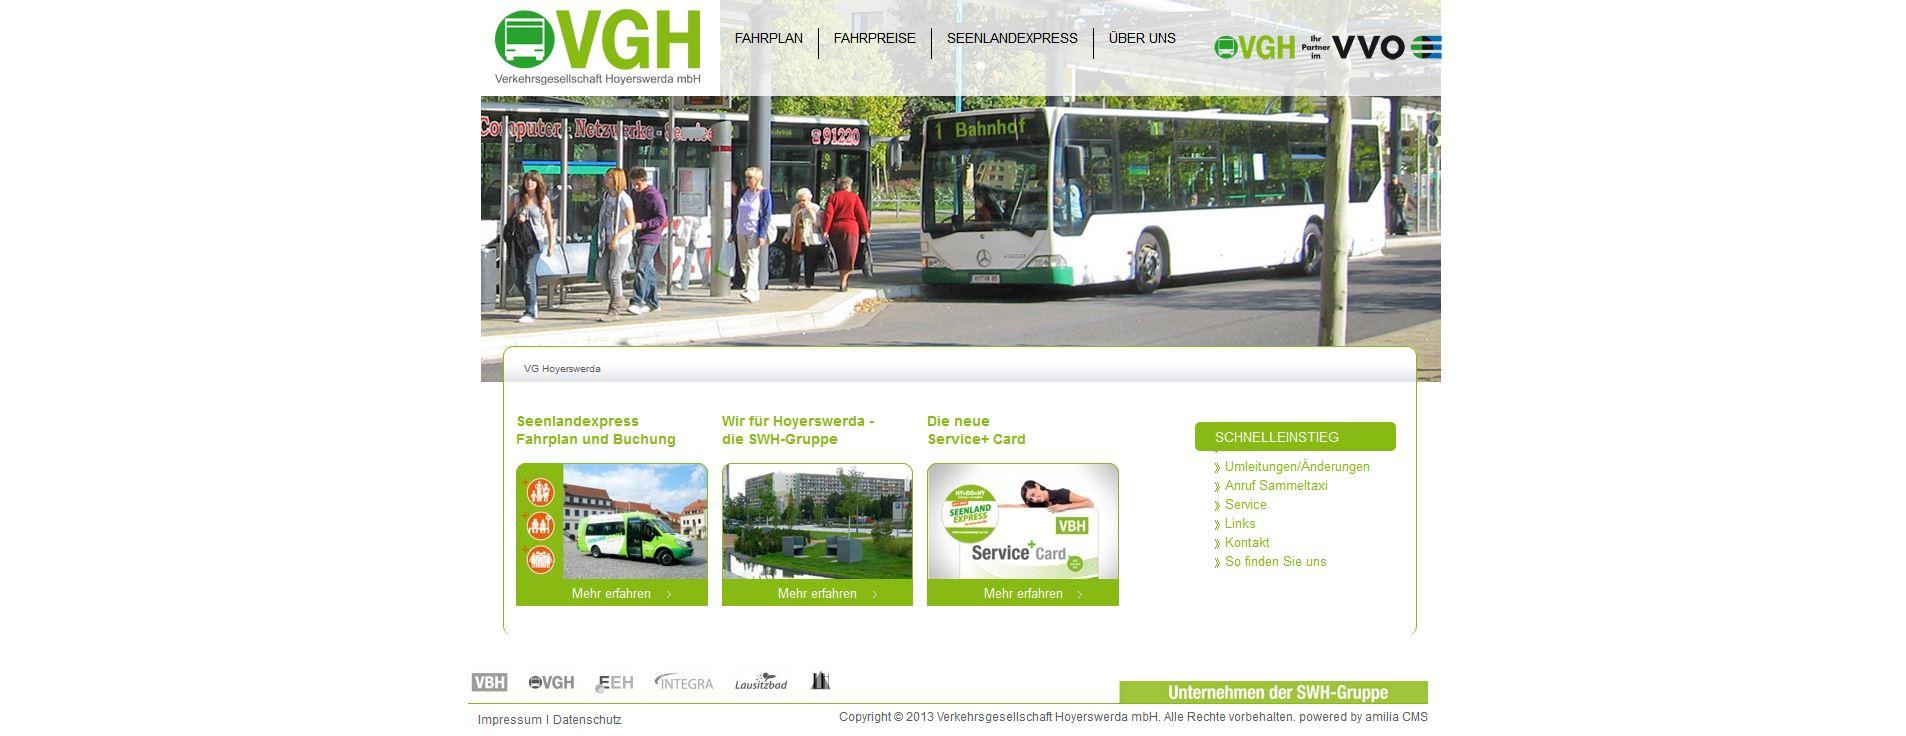 Verkehrsgesellschaft Hoyerswerda GmbH, Hoyerswerda